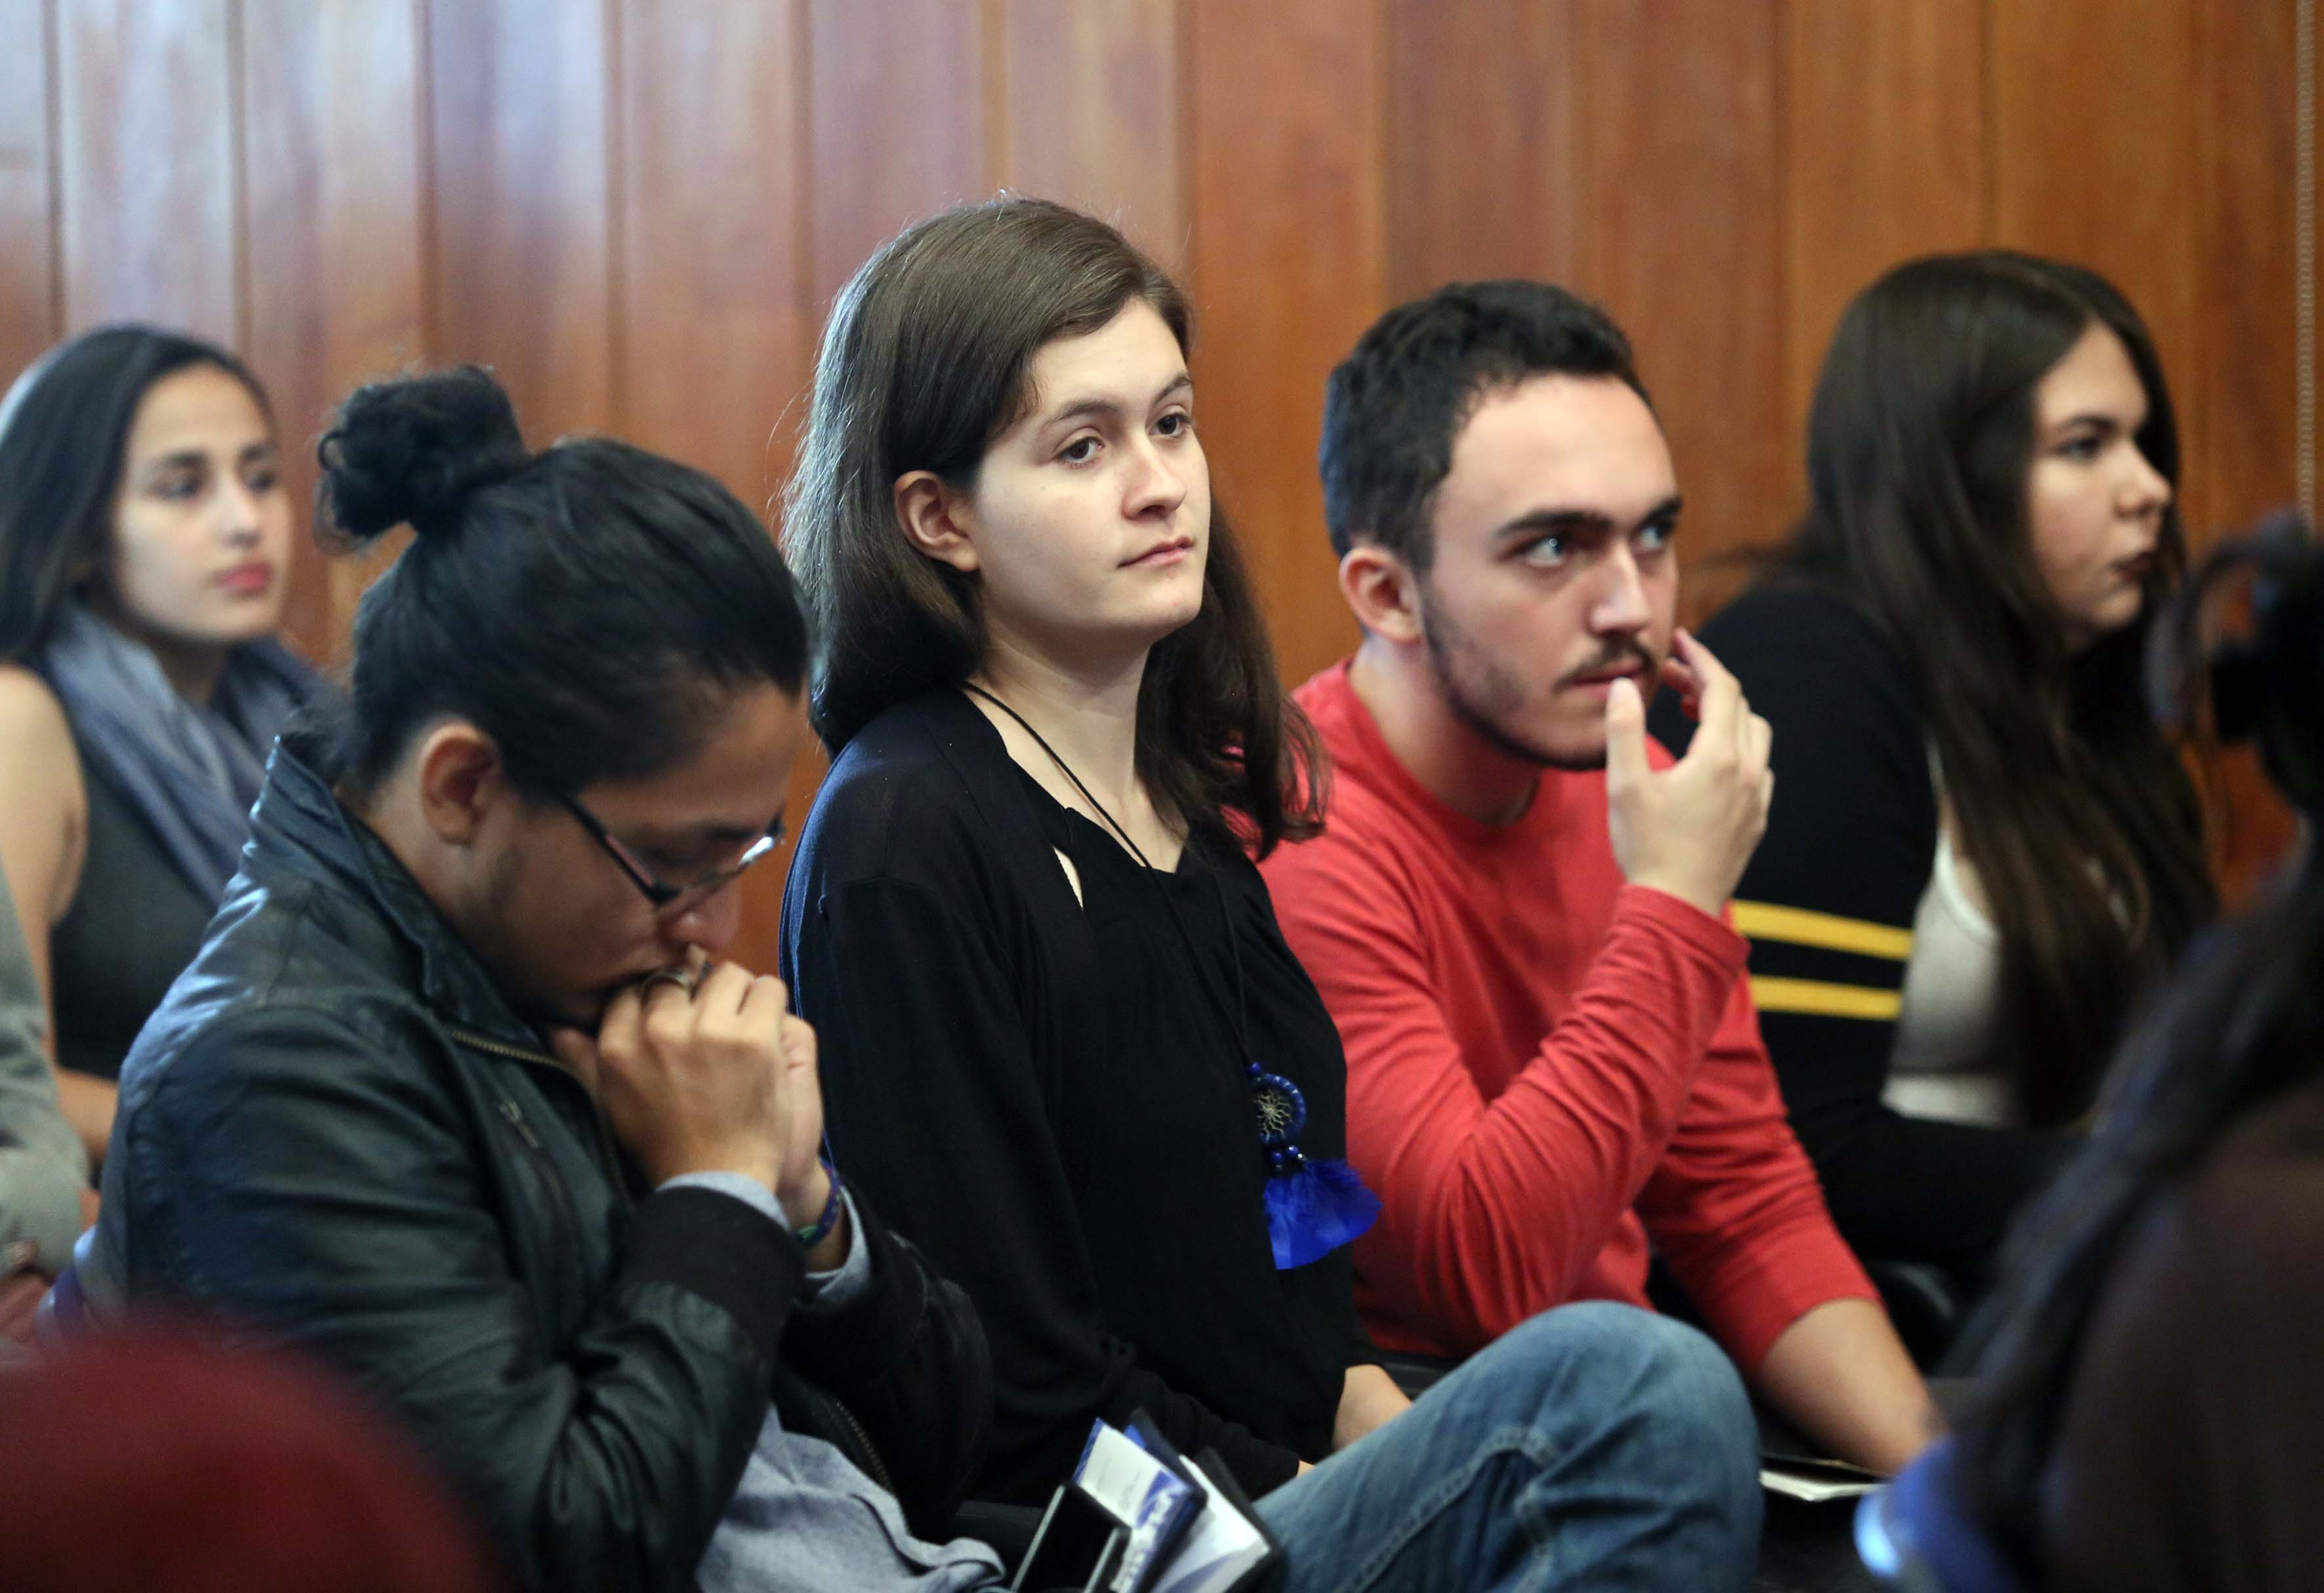 Público asistente a la conferencia, en el Instituto de Neurociencias de la (UdeG)